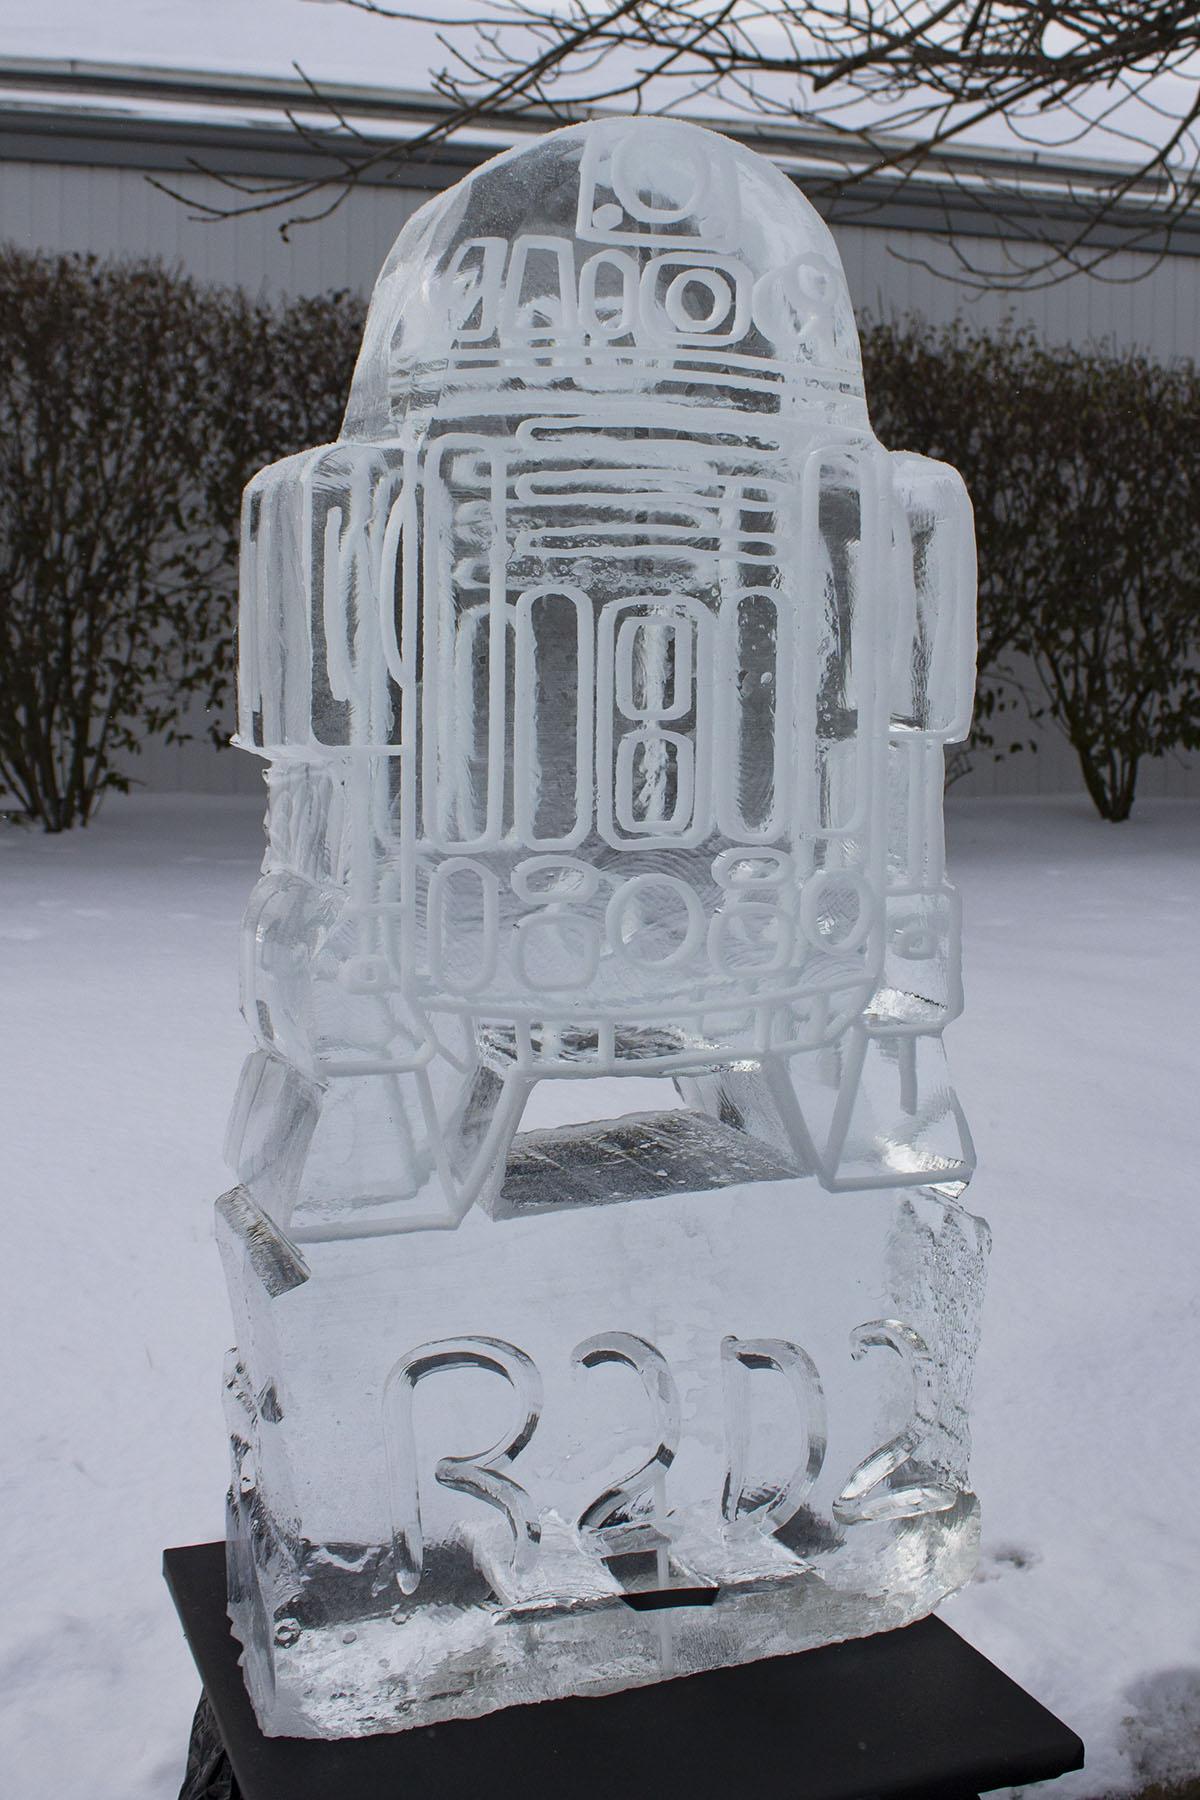 R2D2 Sculpture